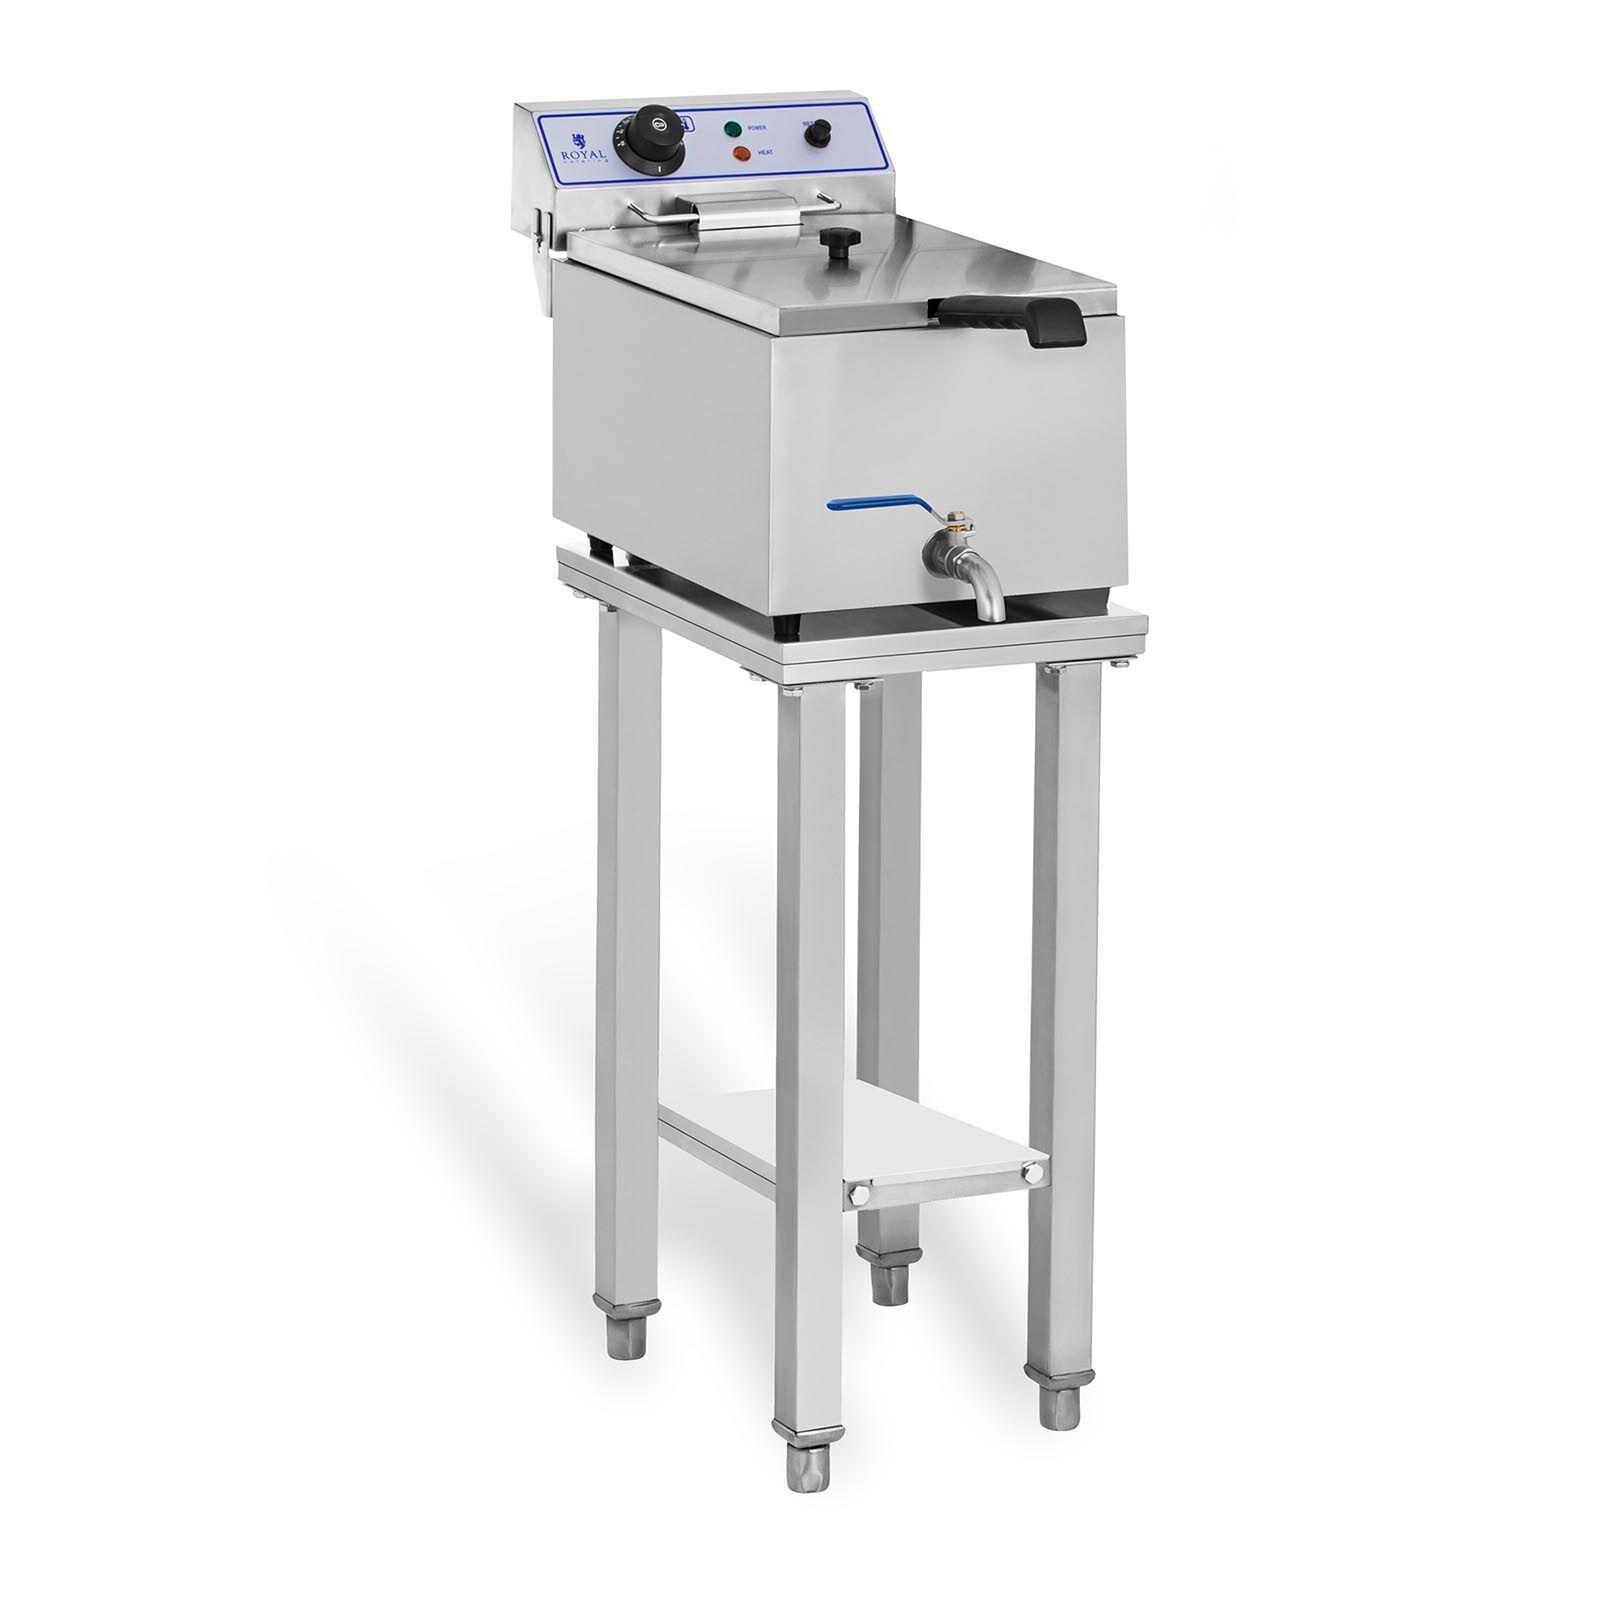 Royal Catering Elektro-friture-koger - 1 x 17 liter - med understel RCEF-SET1